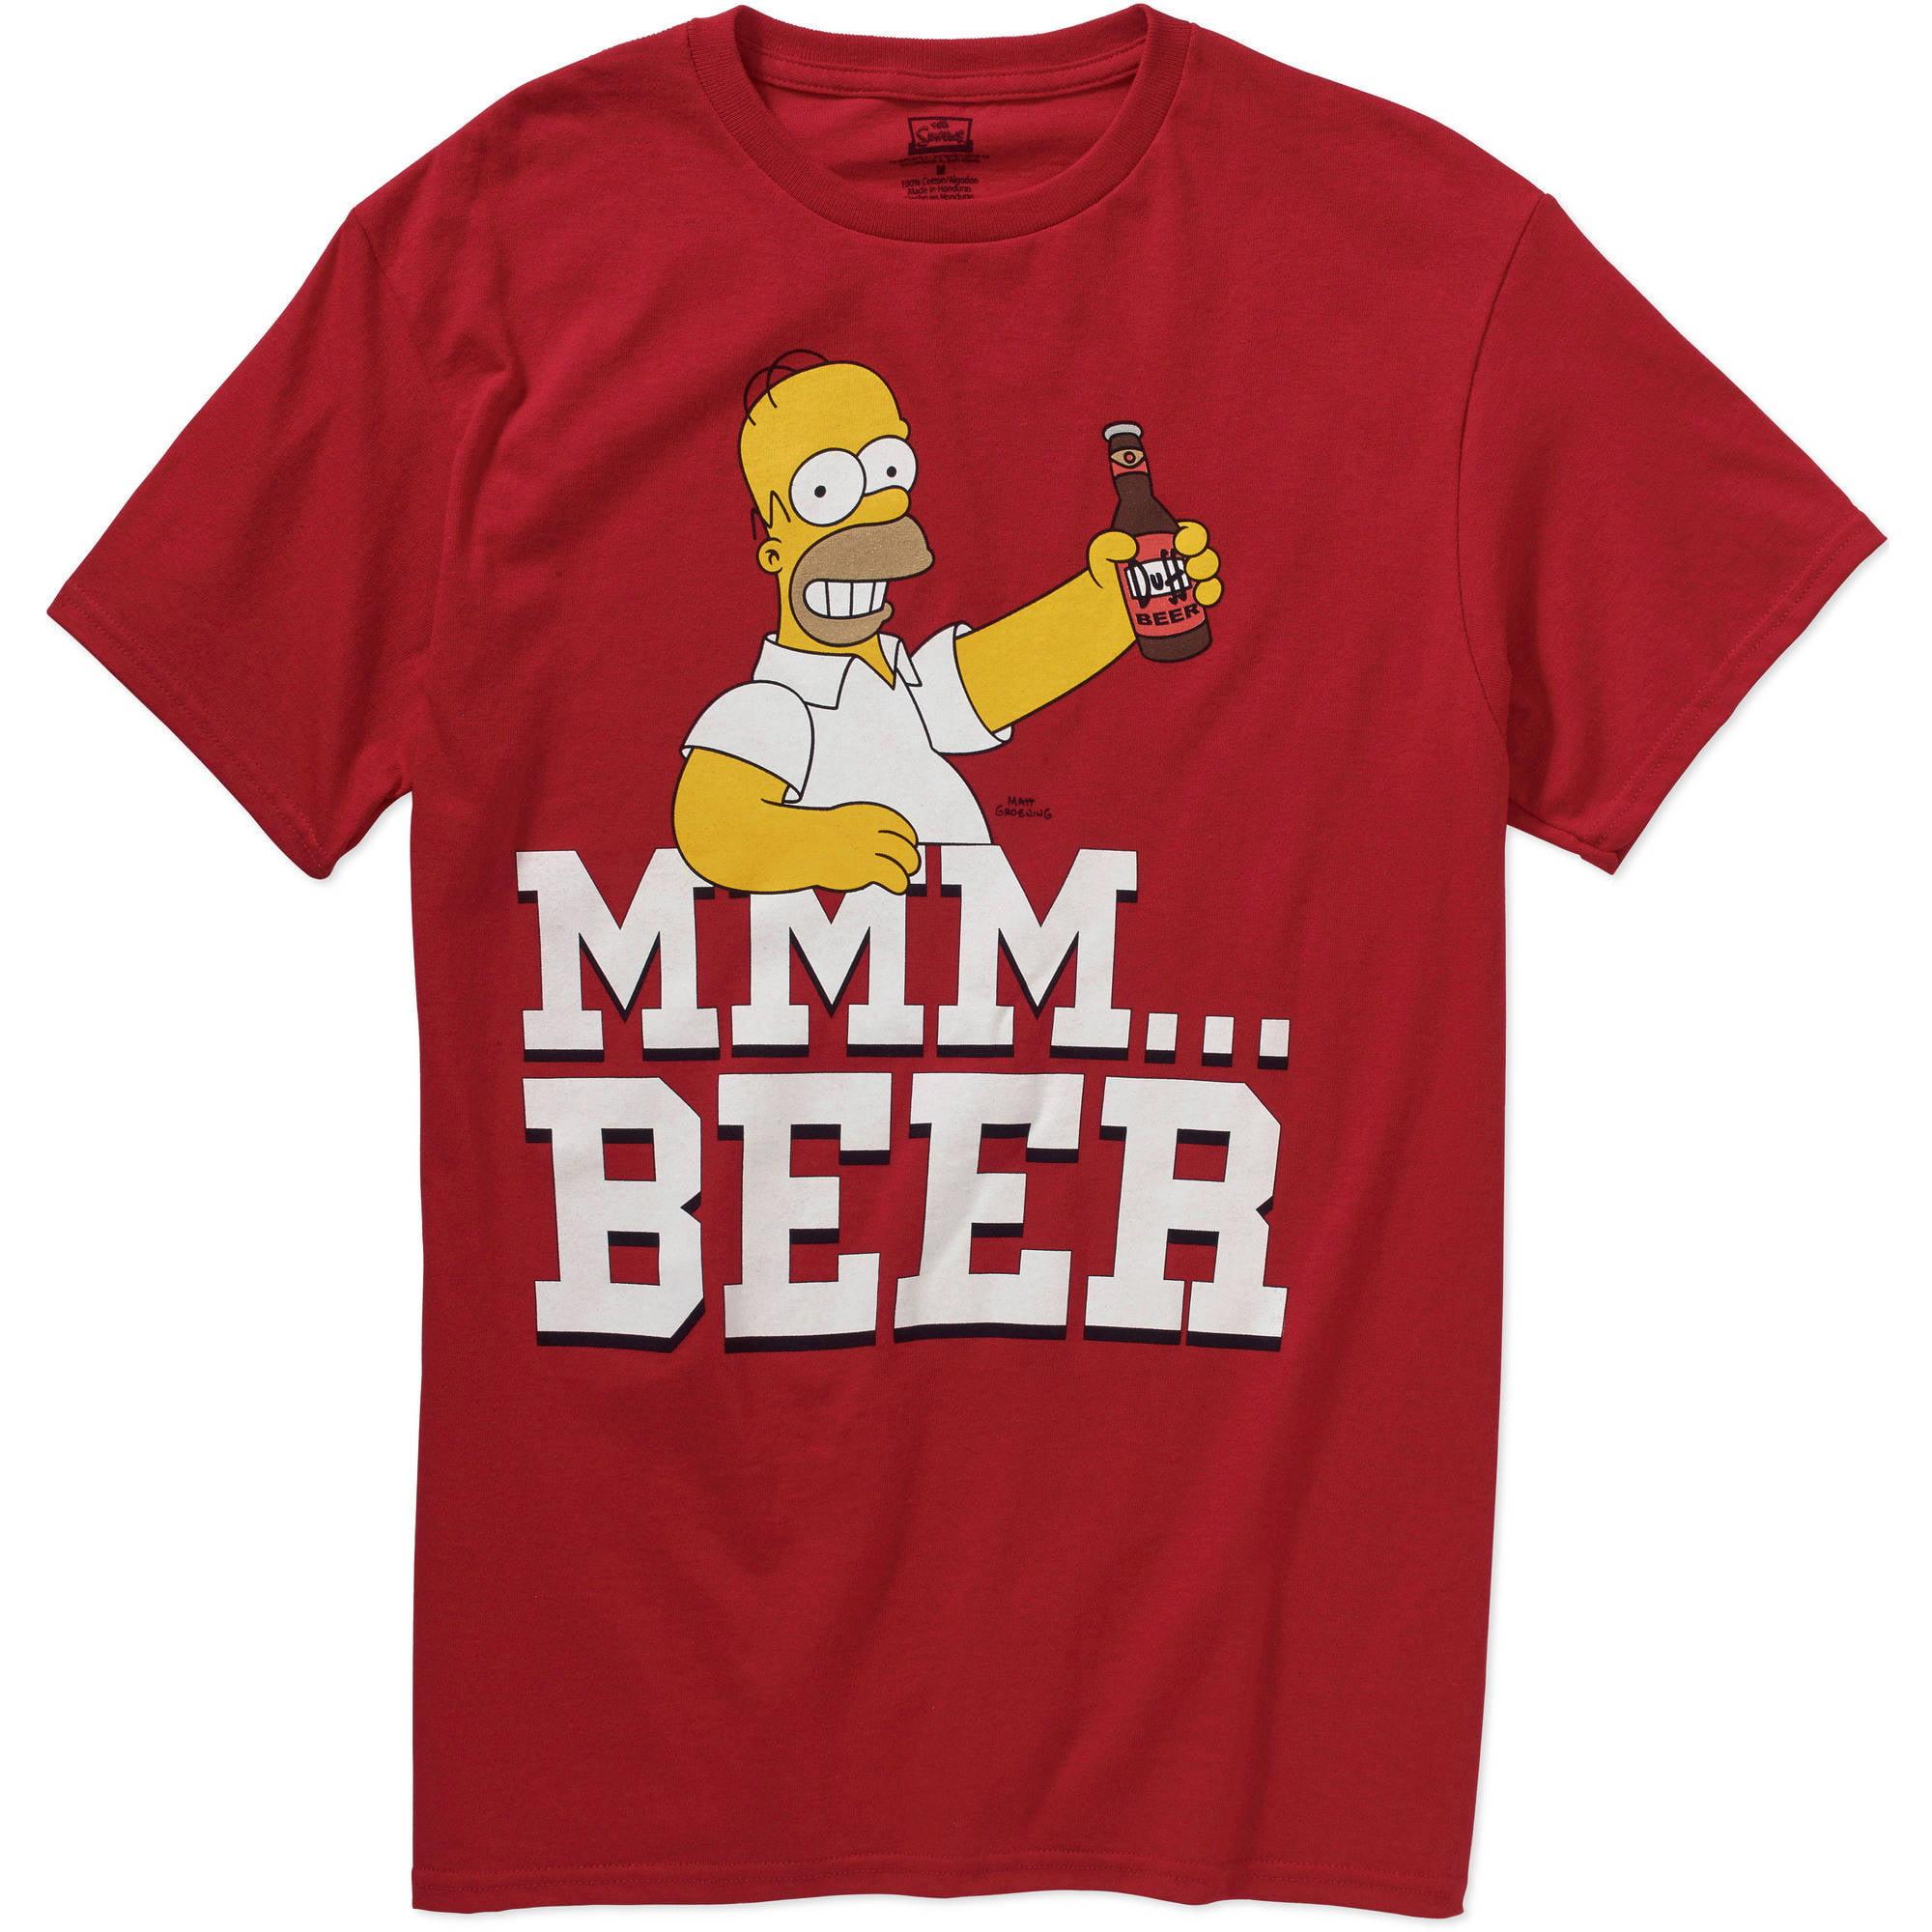 Simpsons Homer Mmm Beer  Men's Graphic Tee